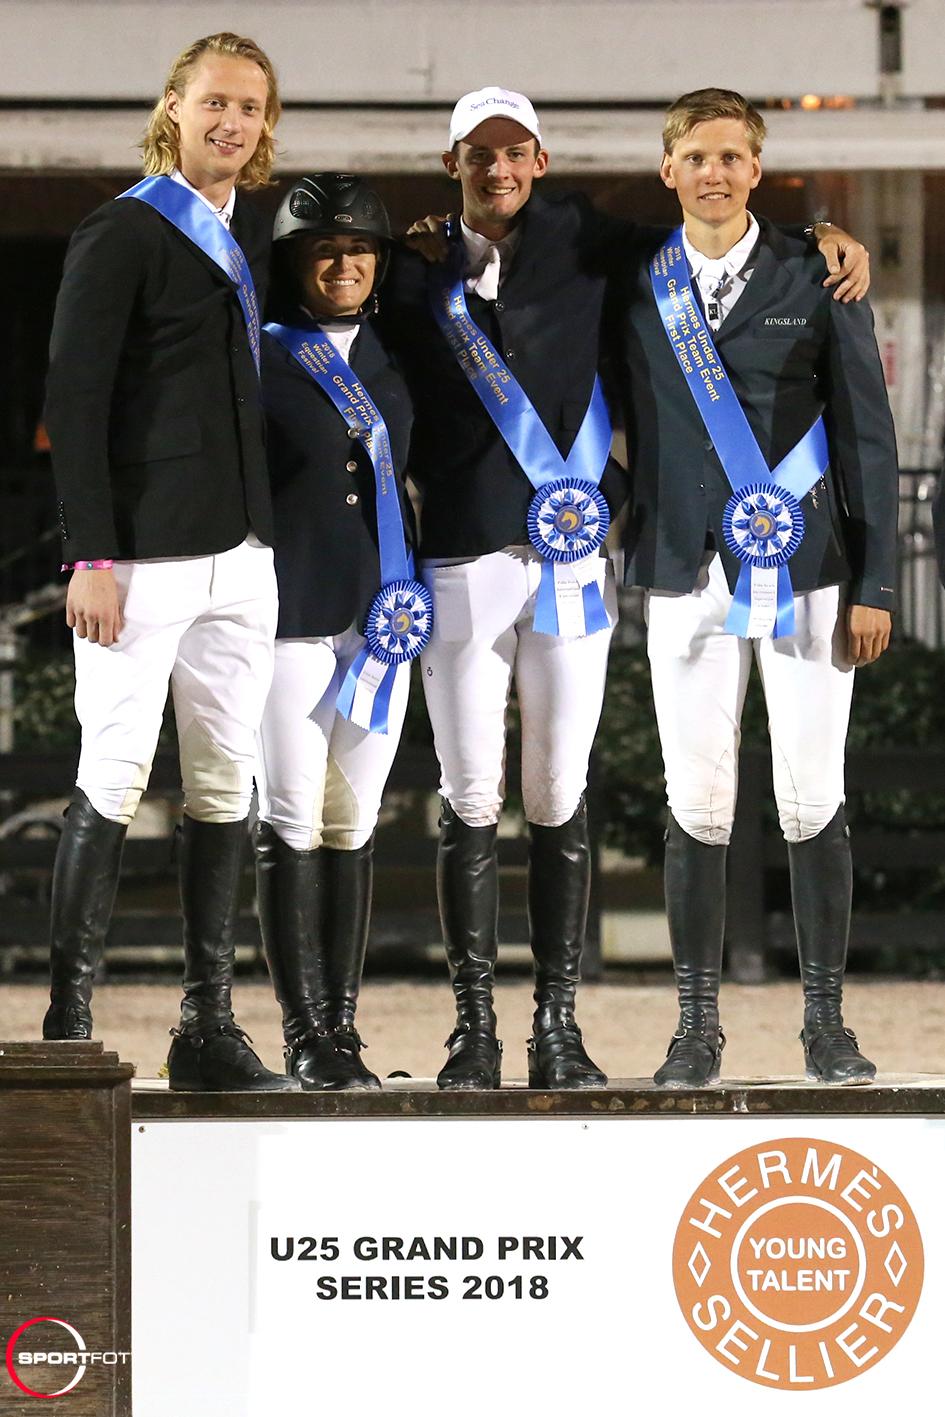 U25 Team First place podium 297_9794 Sportfot (1)